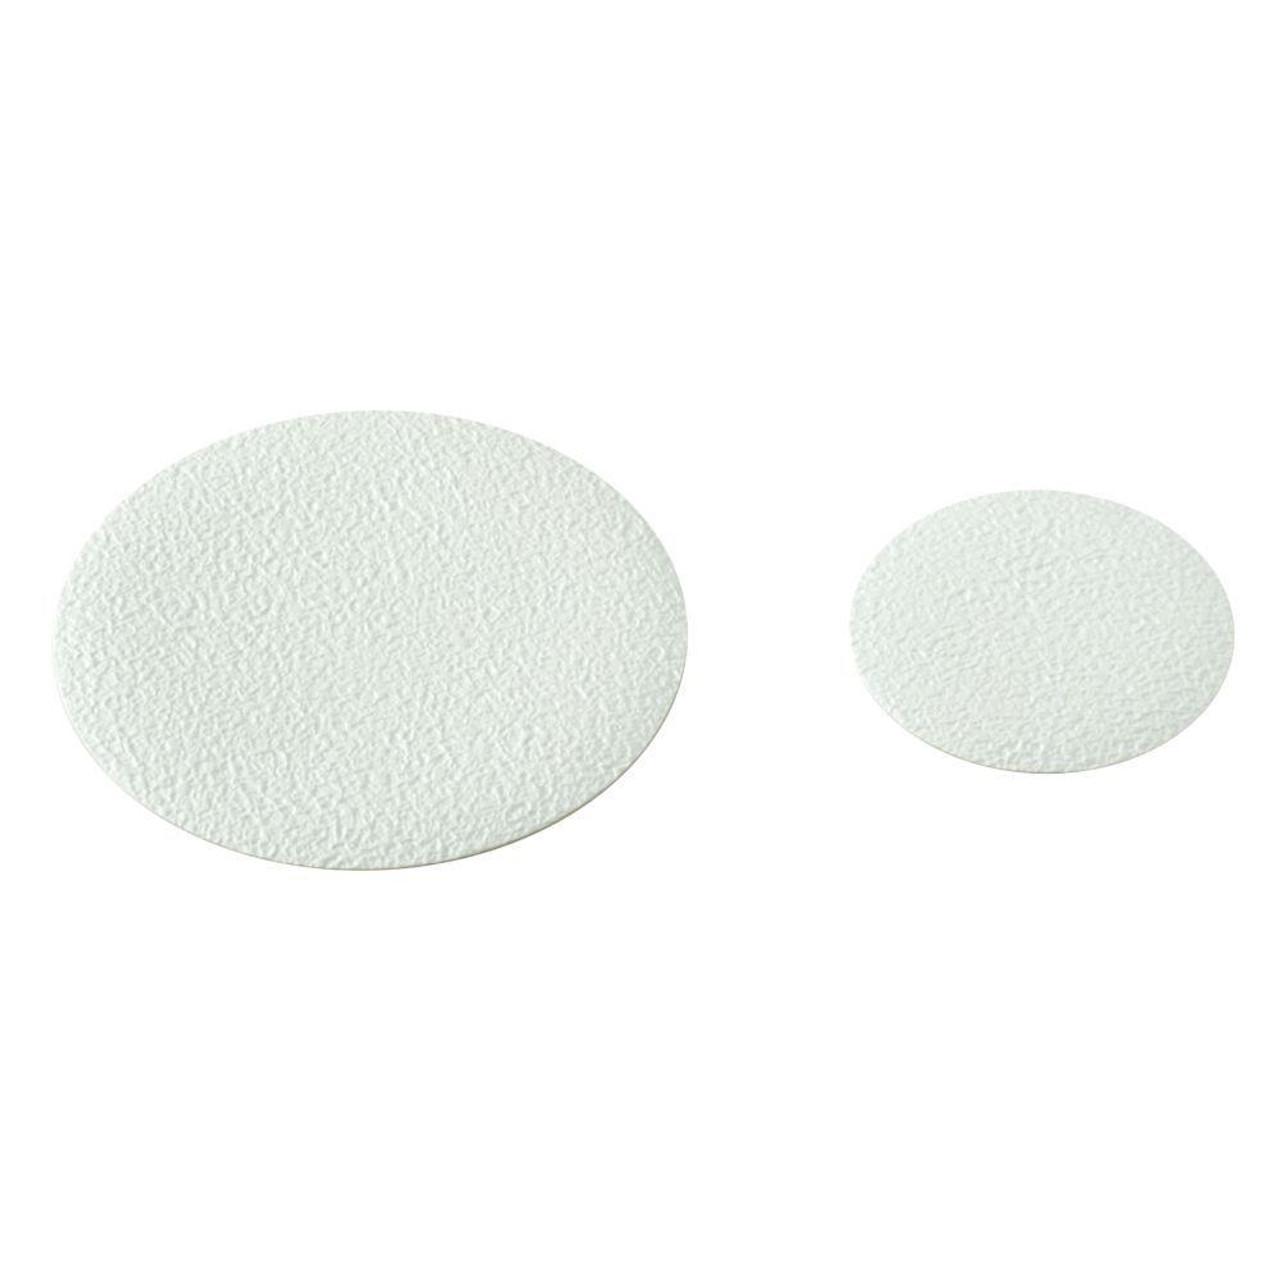 Delta SHPS546-W Bath/Shower No Slip Shapes Pack of 10